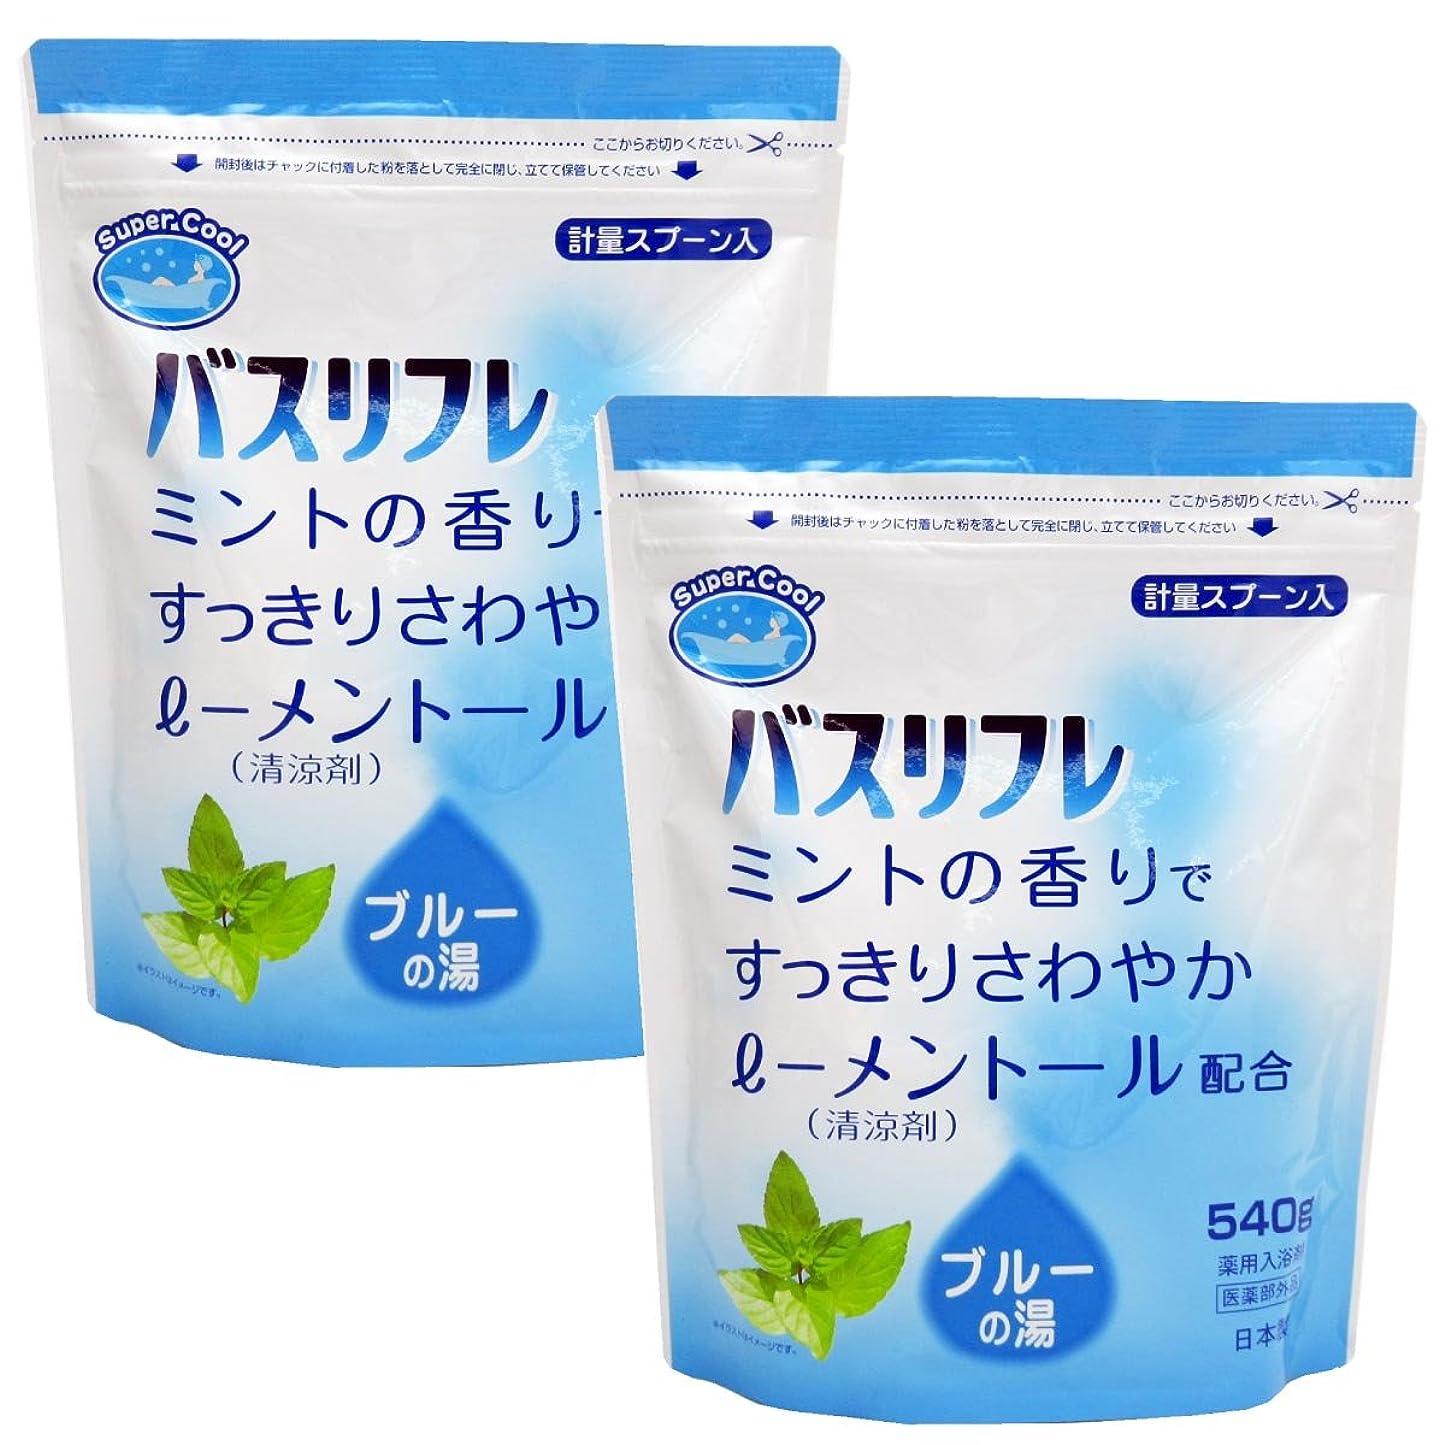 初心者割れ目関係入浴剤 クール 薬用入浴剤 バスリフレ スーパークール540g×2個セット 日本製